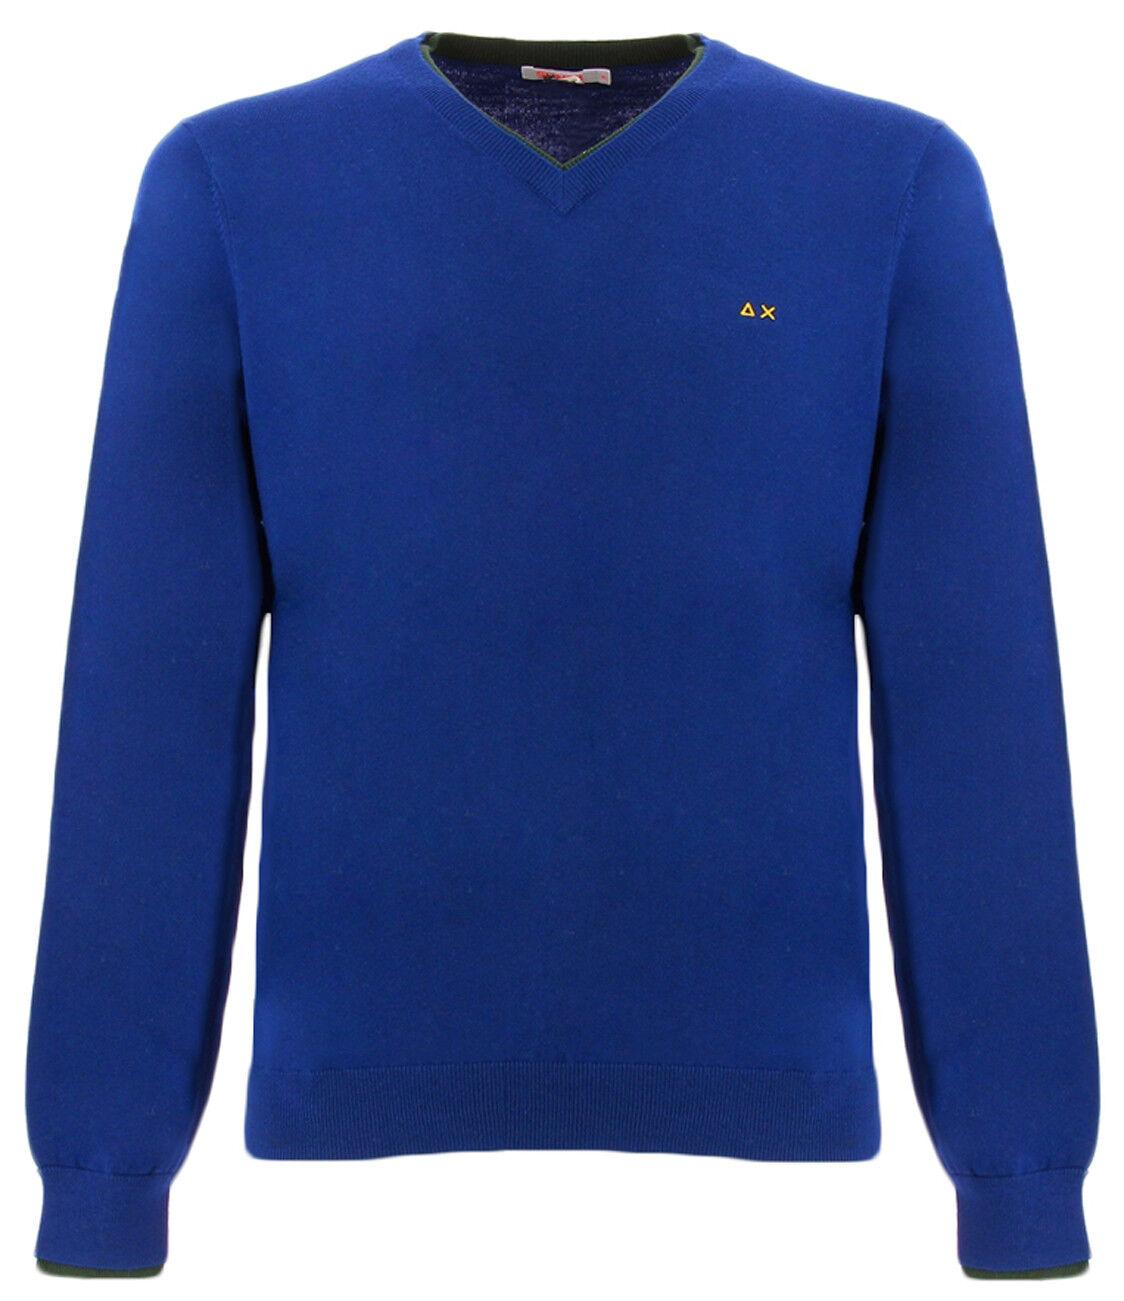 SUN68 blau-grüner V-Pullover mit grünem Profil für Männer Sun 68 K28106ROYAL